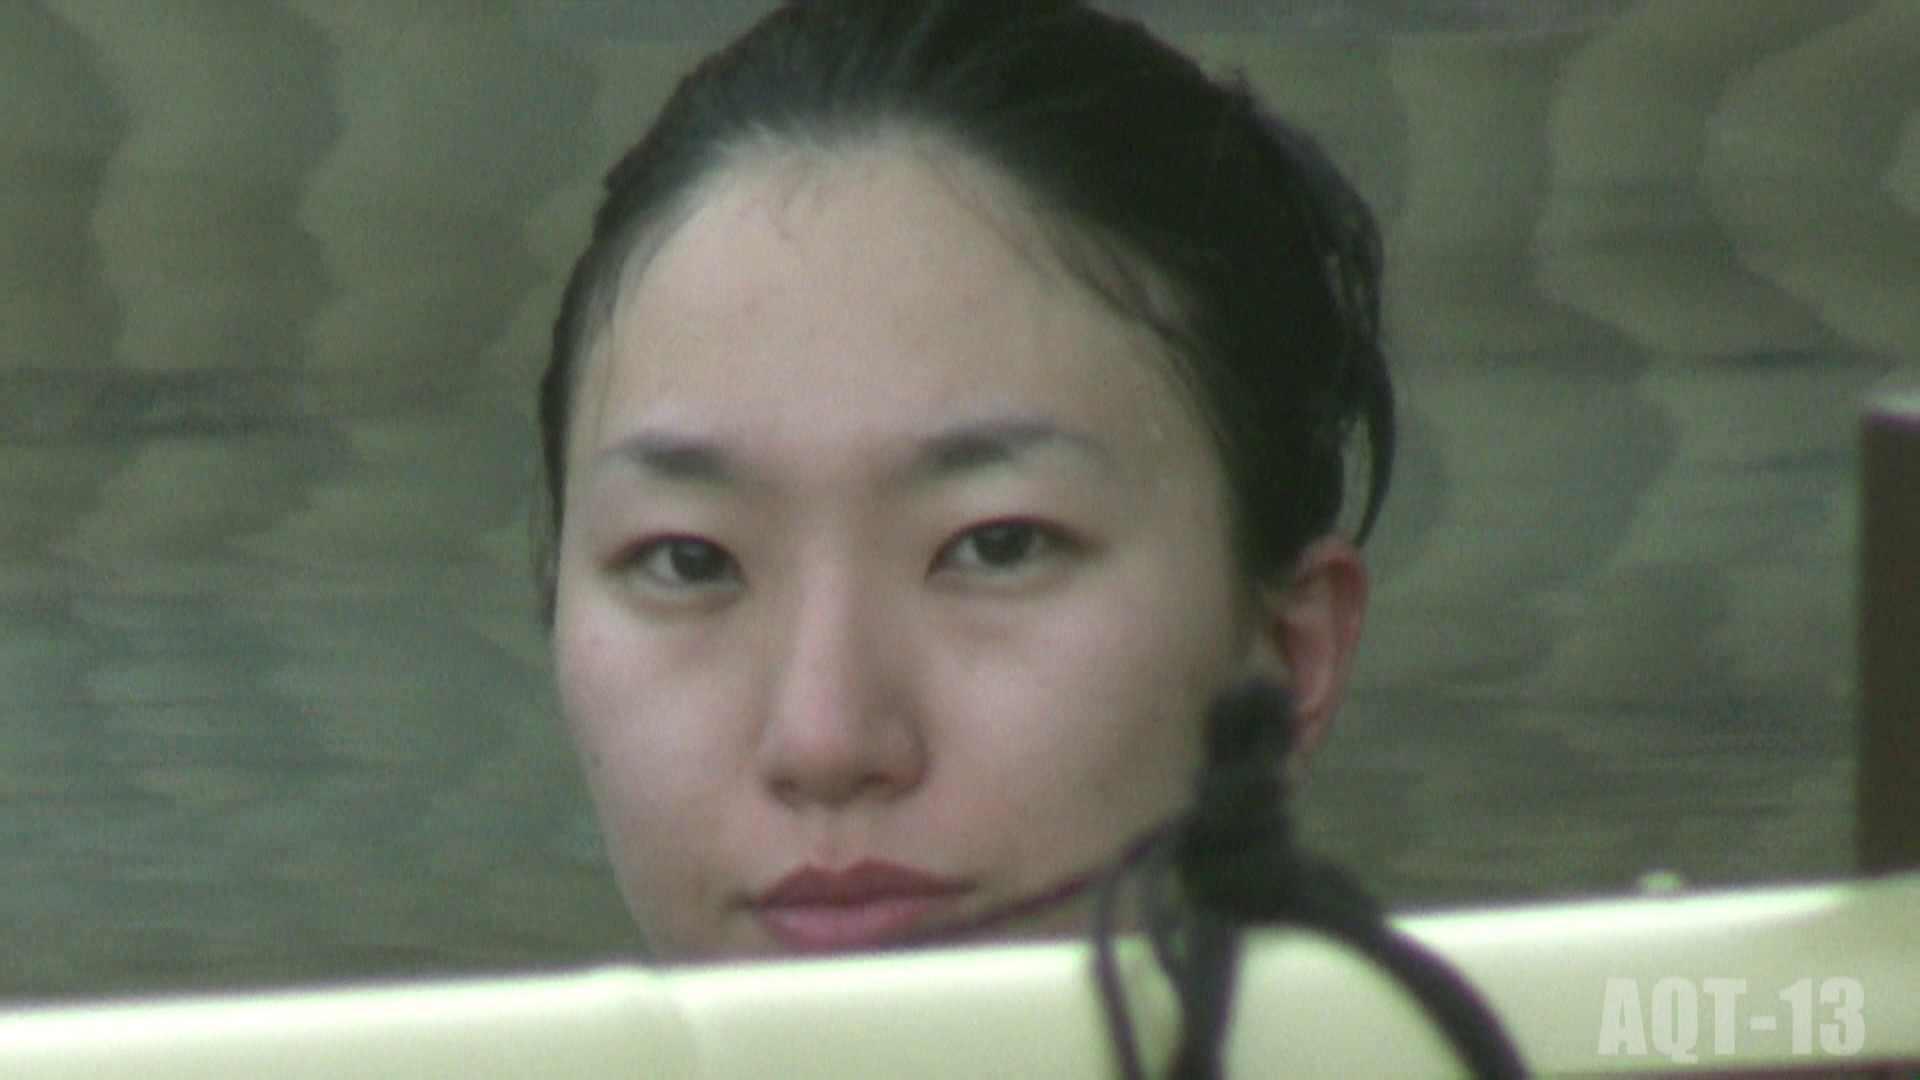 Aquaな露天風呂Vol.818 盗撮 オメコ動画キャプチャ 88画像 68